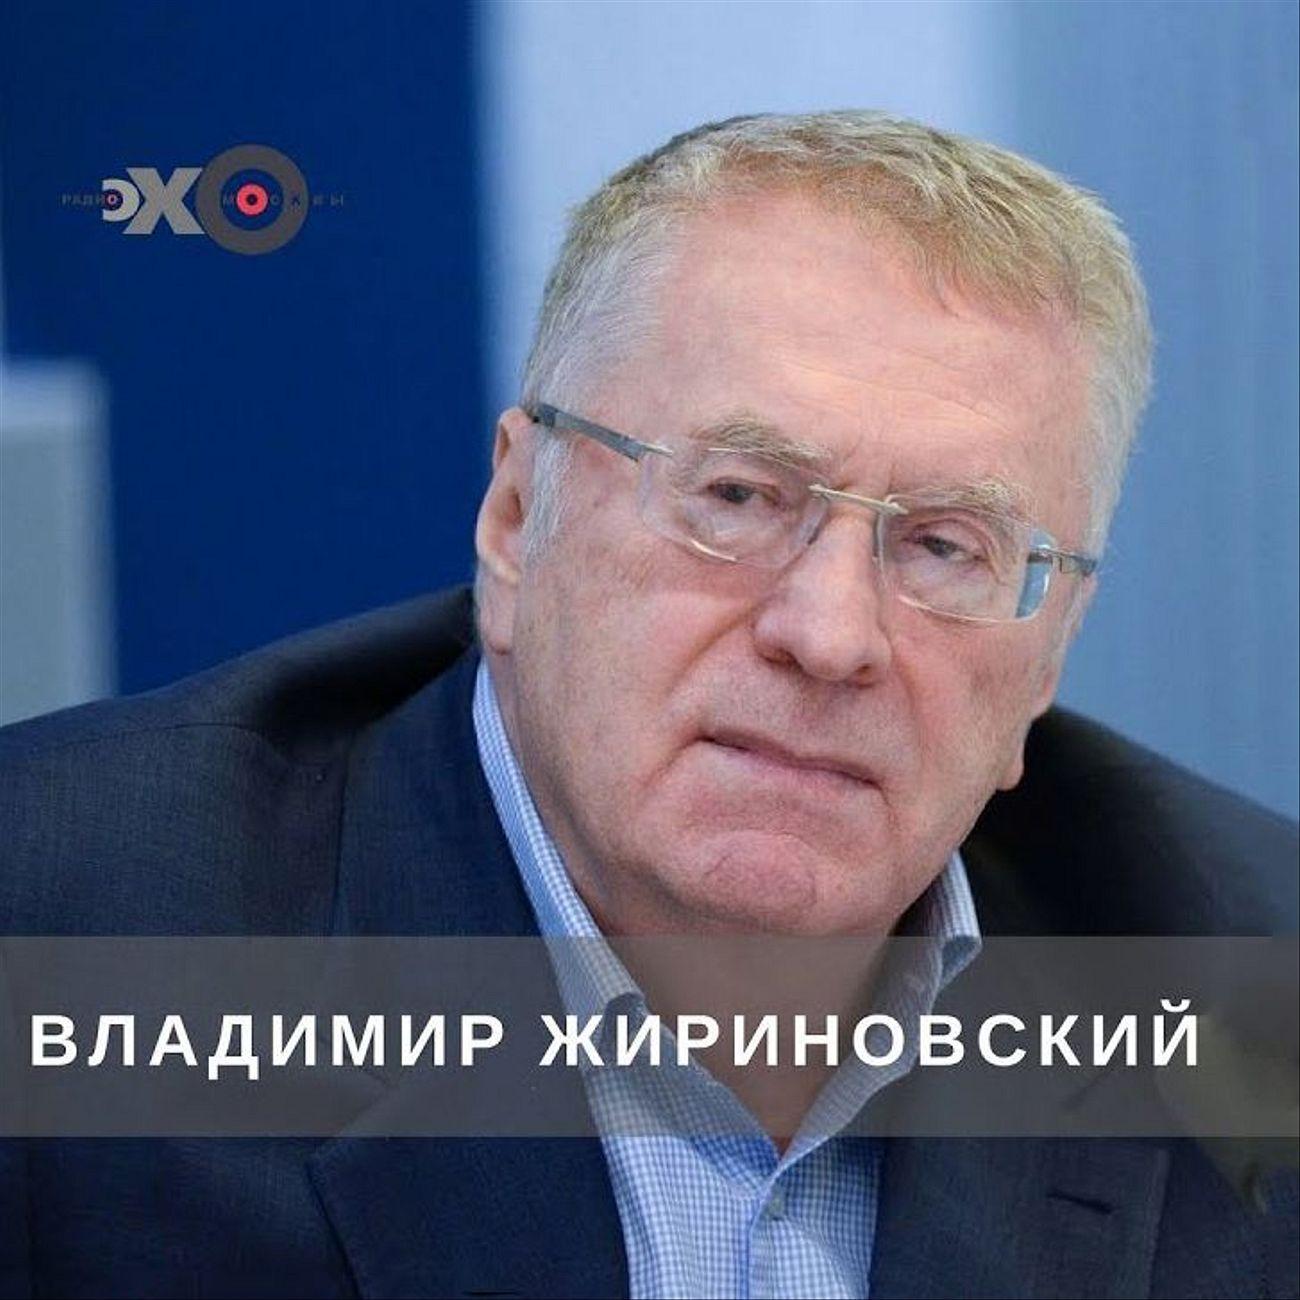 Владимир Жириновский на Эхе